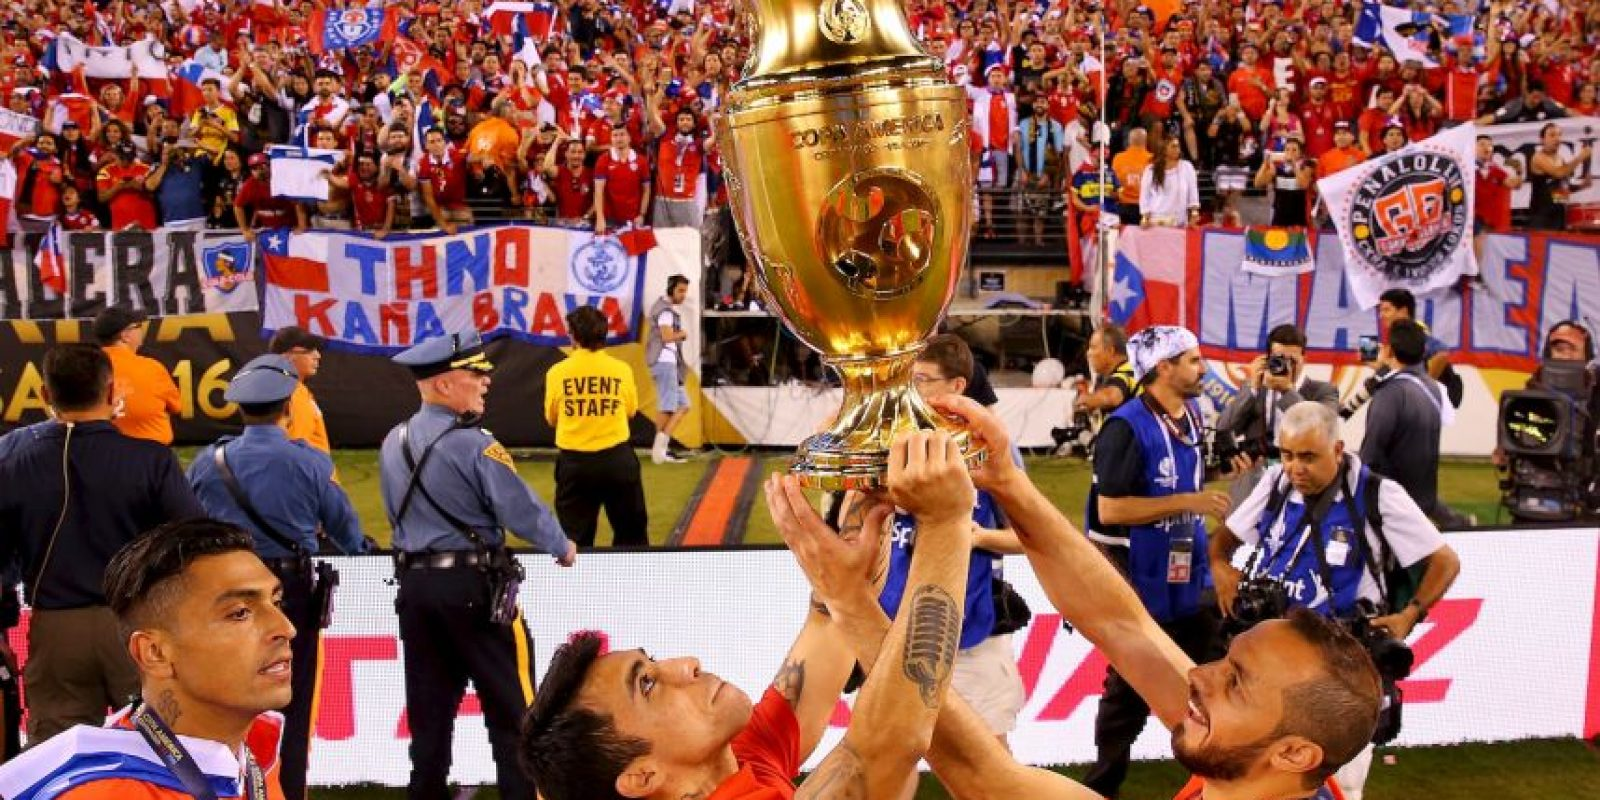 La selección chilena tuvo una notable campaña en la Copa América Centenario Foto:Getty Images